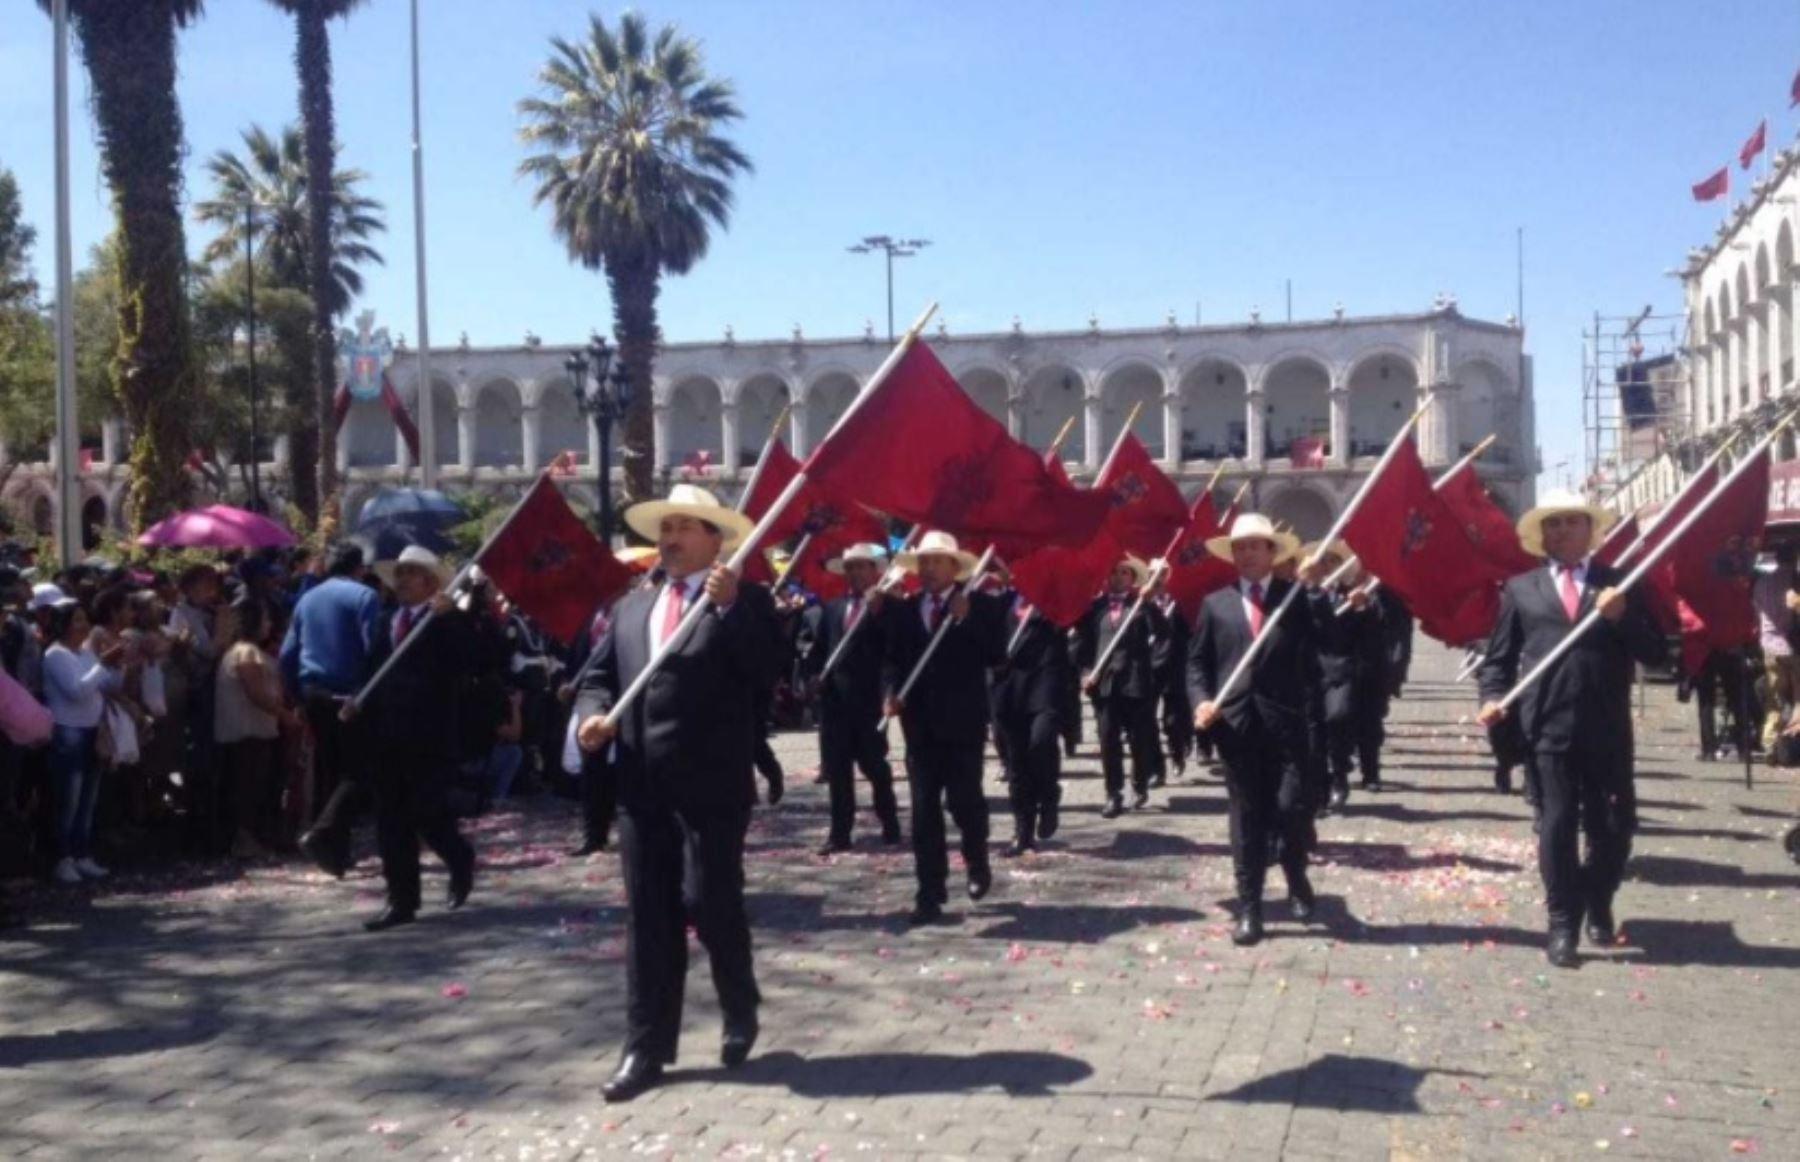 Miles de personas, entre arequipeños y turistas nacionales y extranjeros, participaron en el tradicional Paseo del Estandarte, que recorrió las principales calles del Centro Histórico de la Ciudad Blanca, en el marco del 477 aniversario de su fundación española.